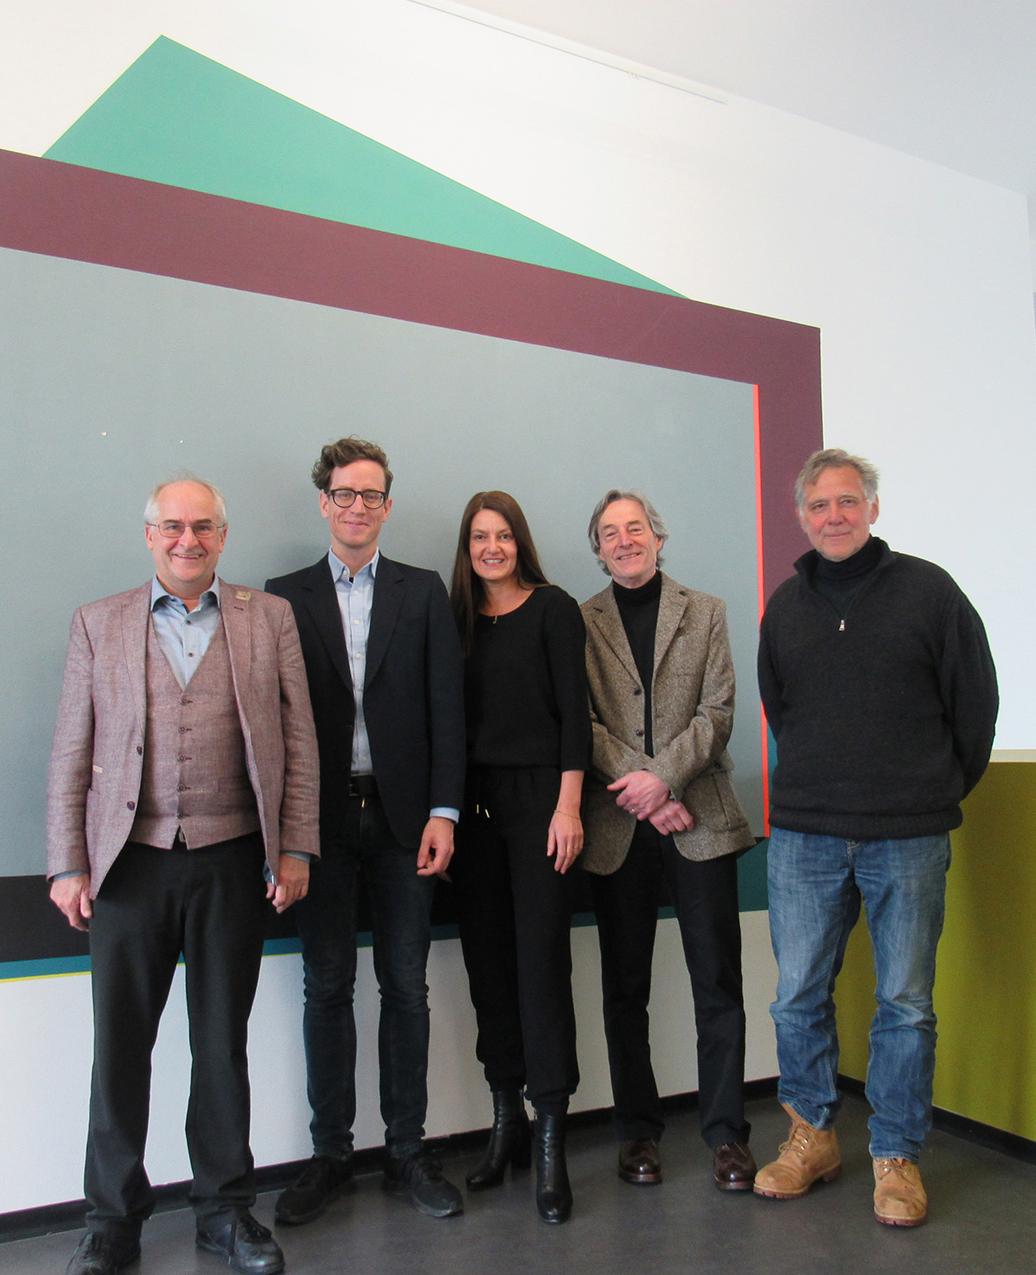 Neue Professoren für Kunstgeschichte, Kunsttherapie und Philosophie ernannt